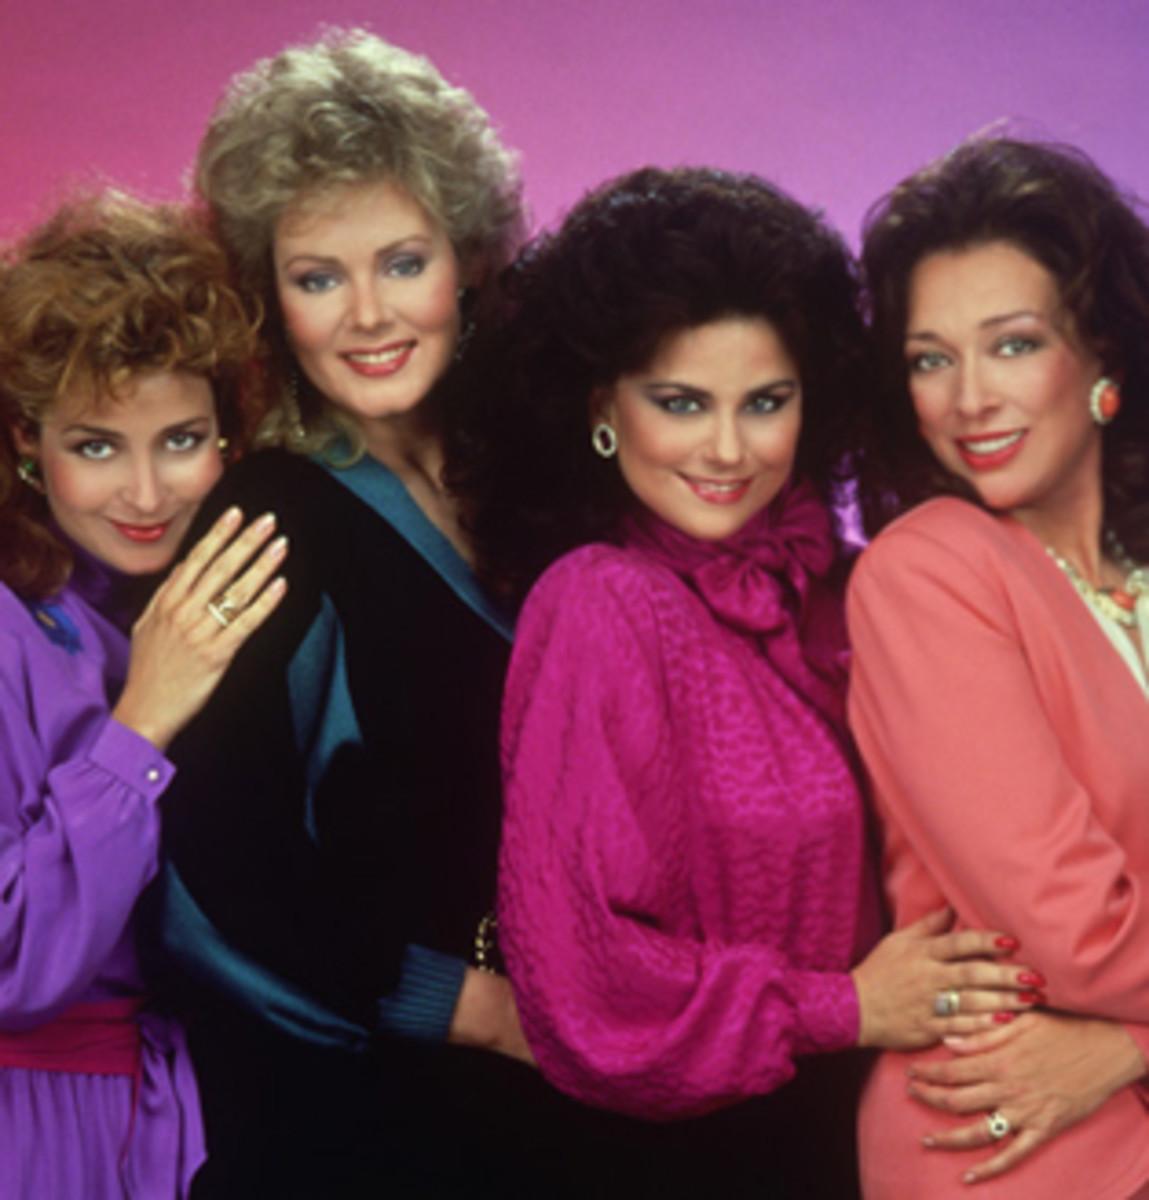 Popular 1980s TV show, 'Designing Women' displays 80s color trends